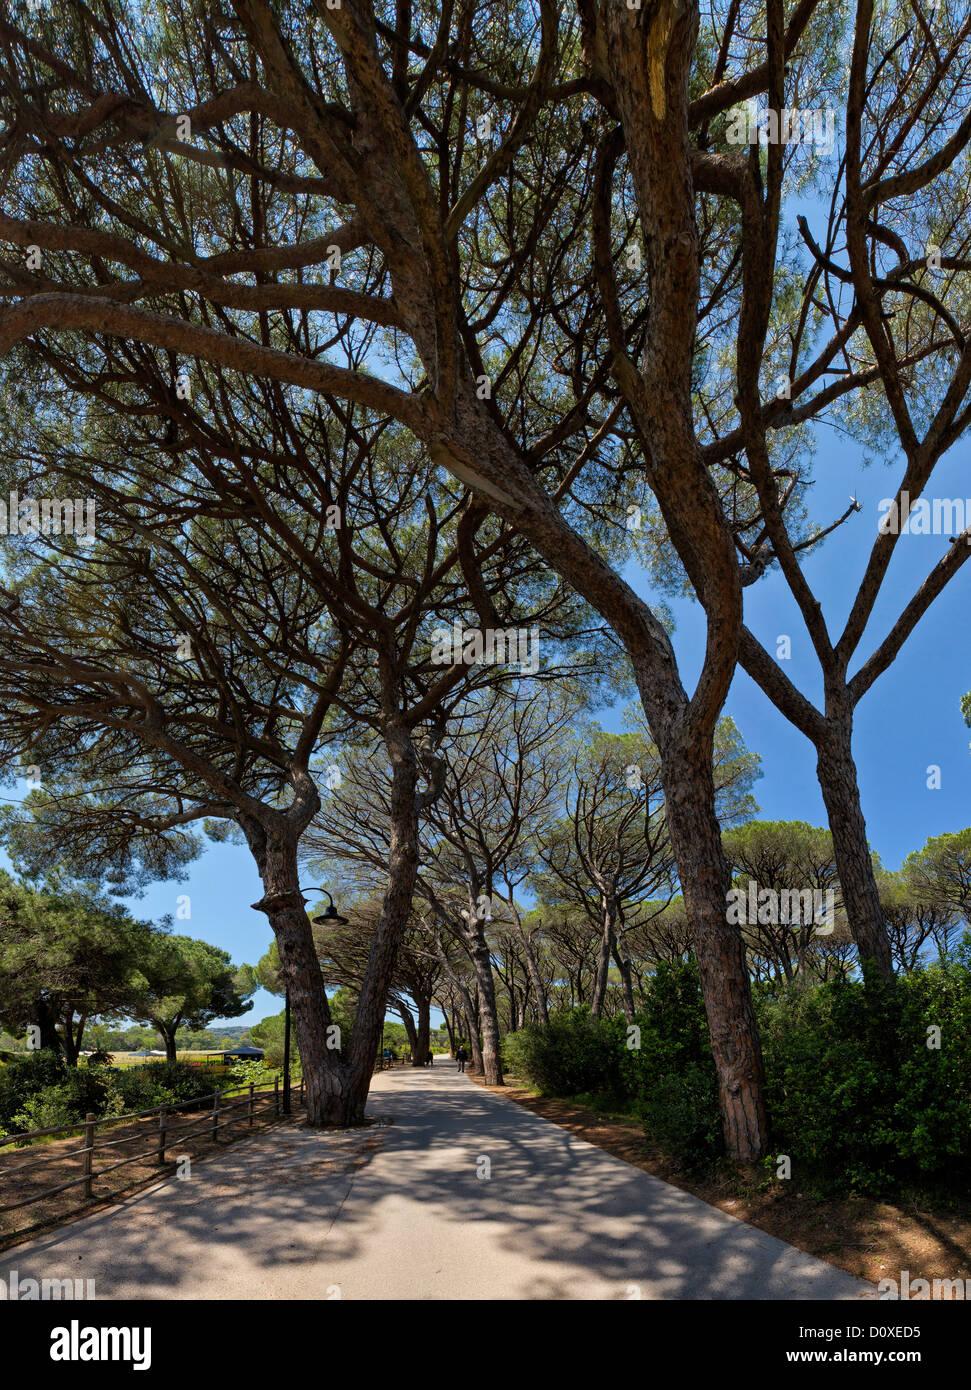 Punta Ala, Italia, Europa, Toscana, Toscana, street avenue Immagini Stock